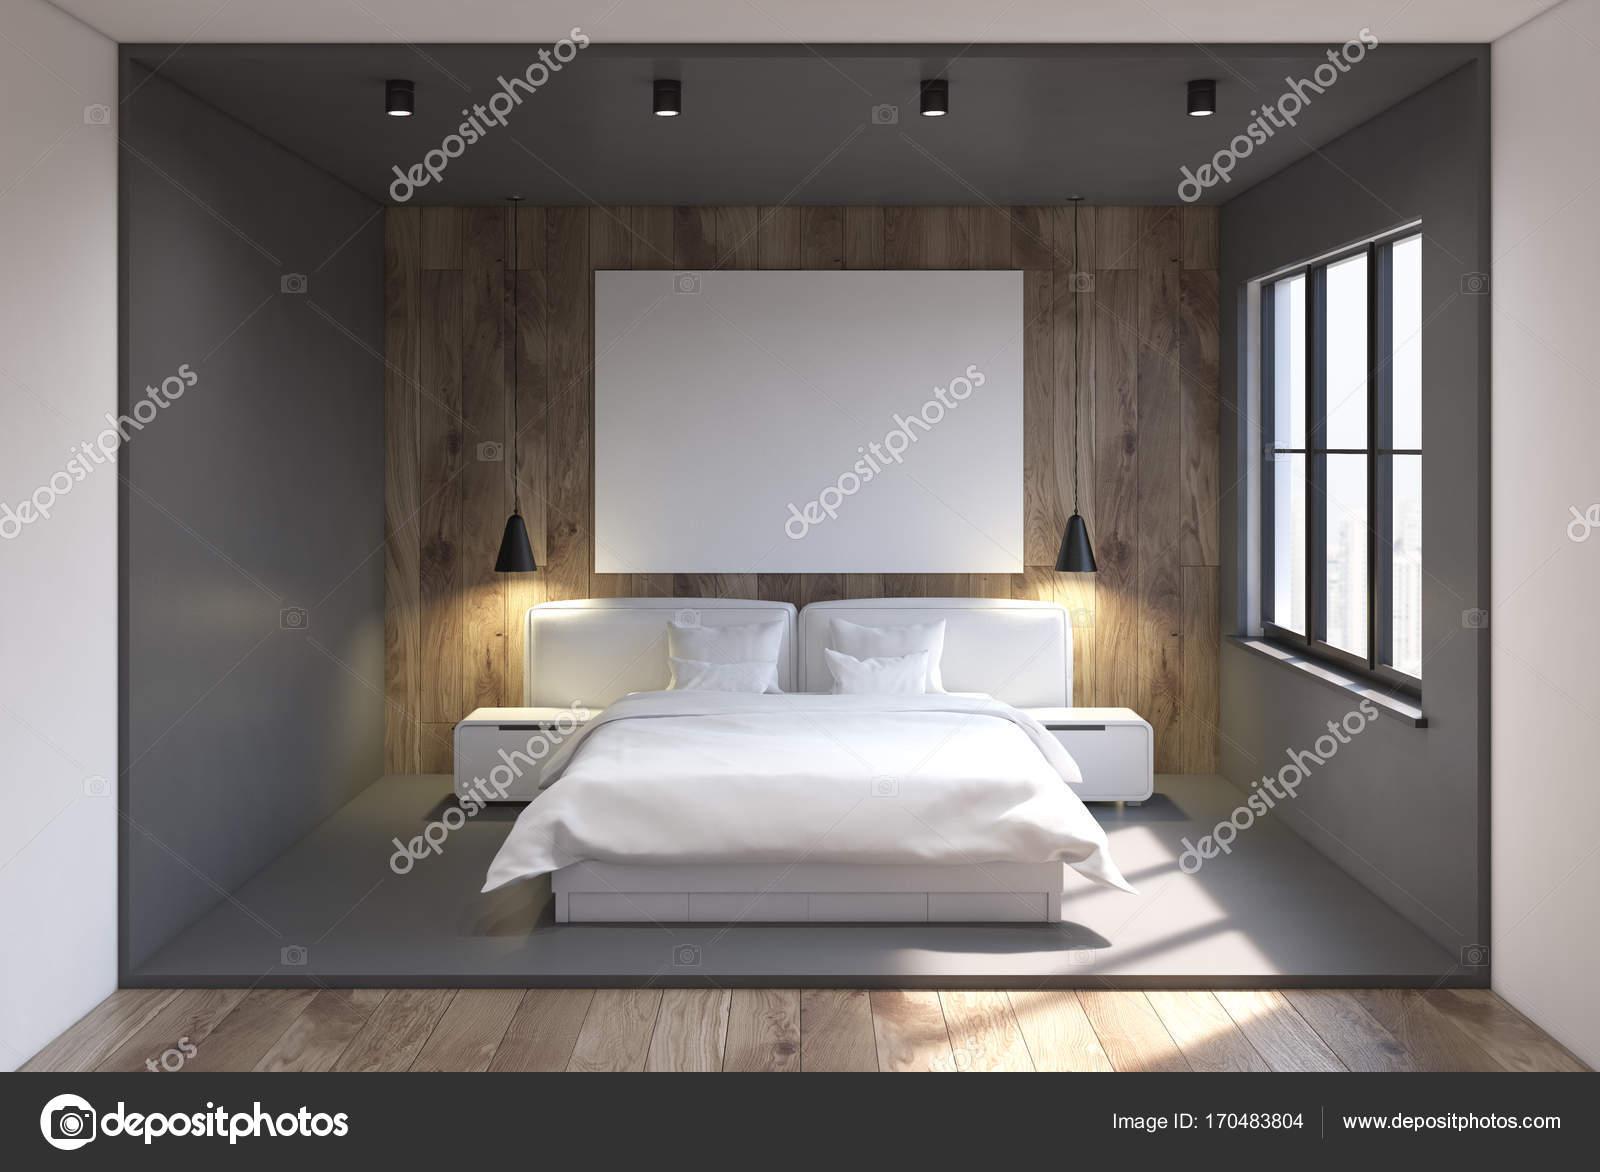 Slaapkamer Interieur Grijs : Grijs en houten slaapkamer interieur poster u stockfoto